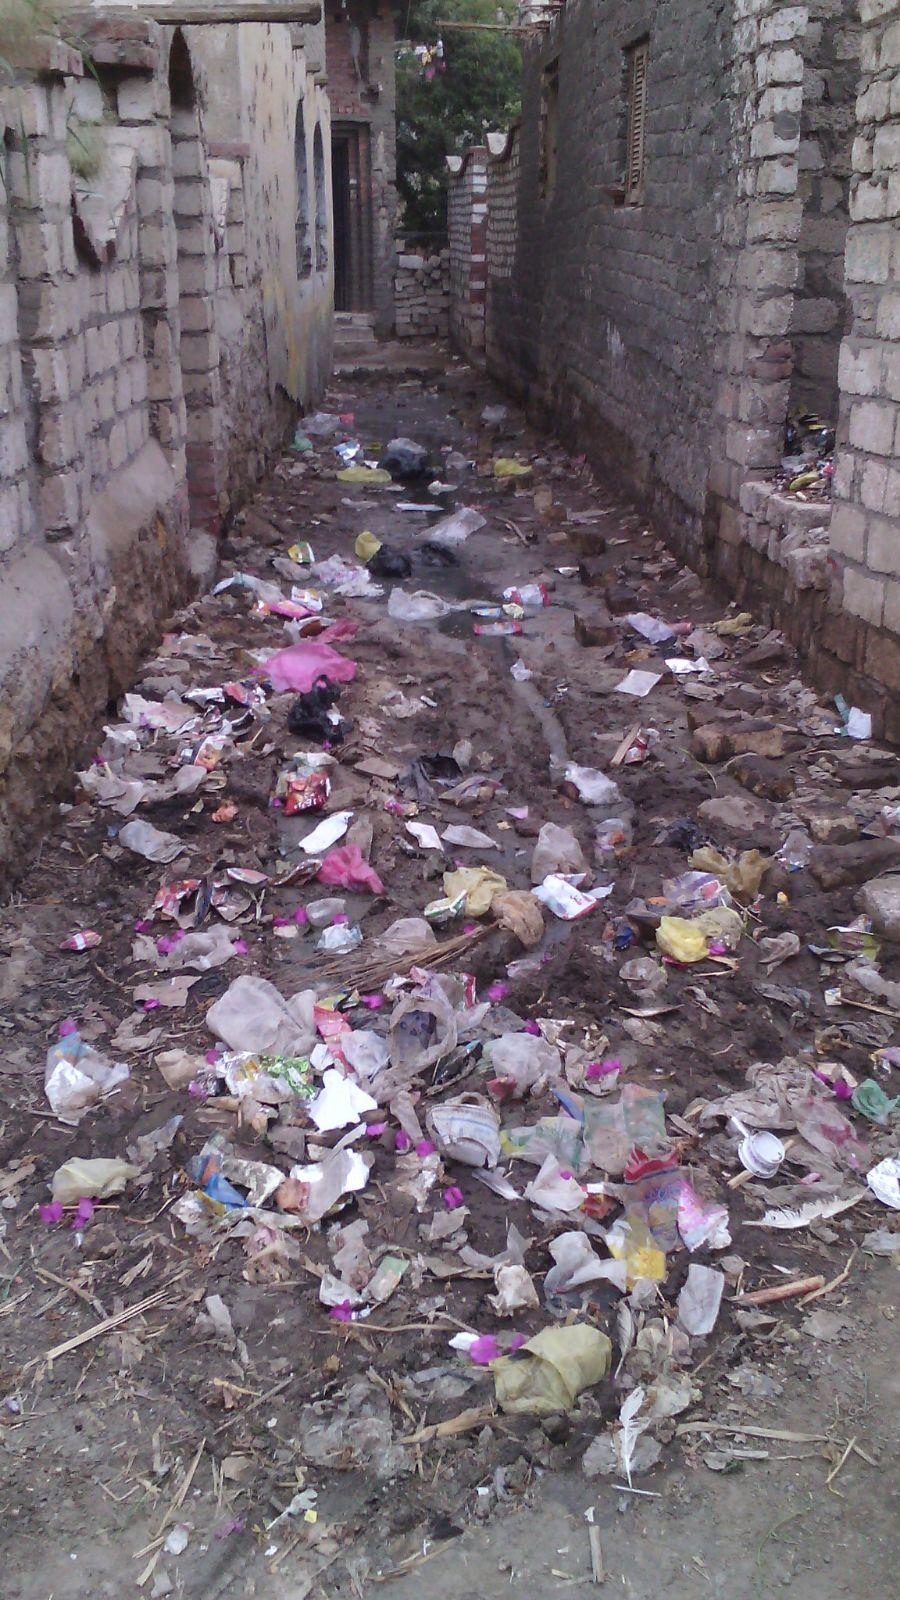 بالصور.. مياه الصرف تغرق بيوت ومسجد قرية بالفيوم